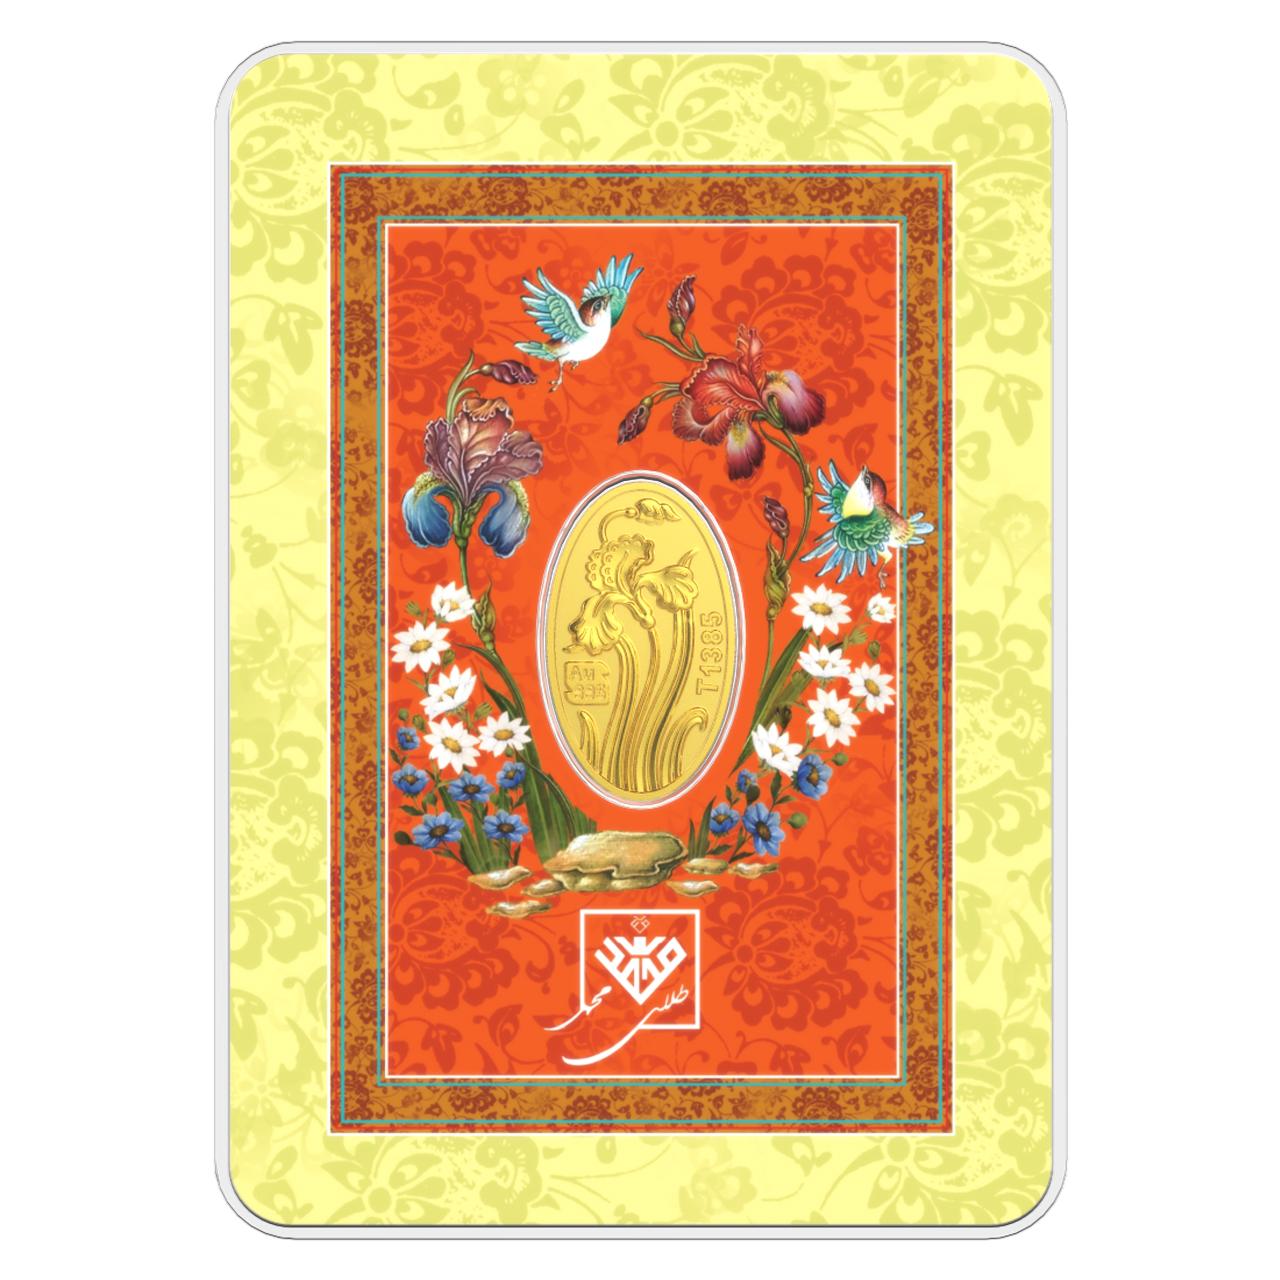 قیمت پلاک طلای 24 عیار طلای محمد مدل گل زنبق zdp